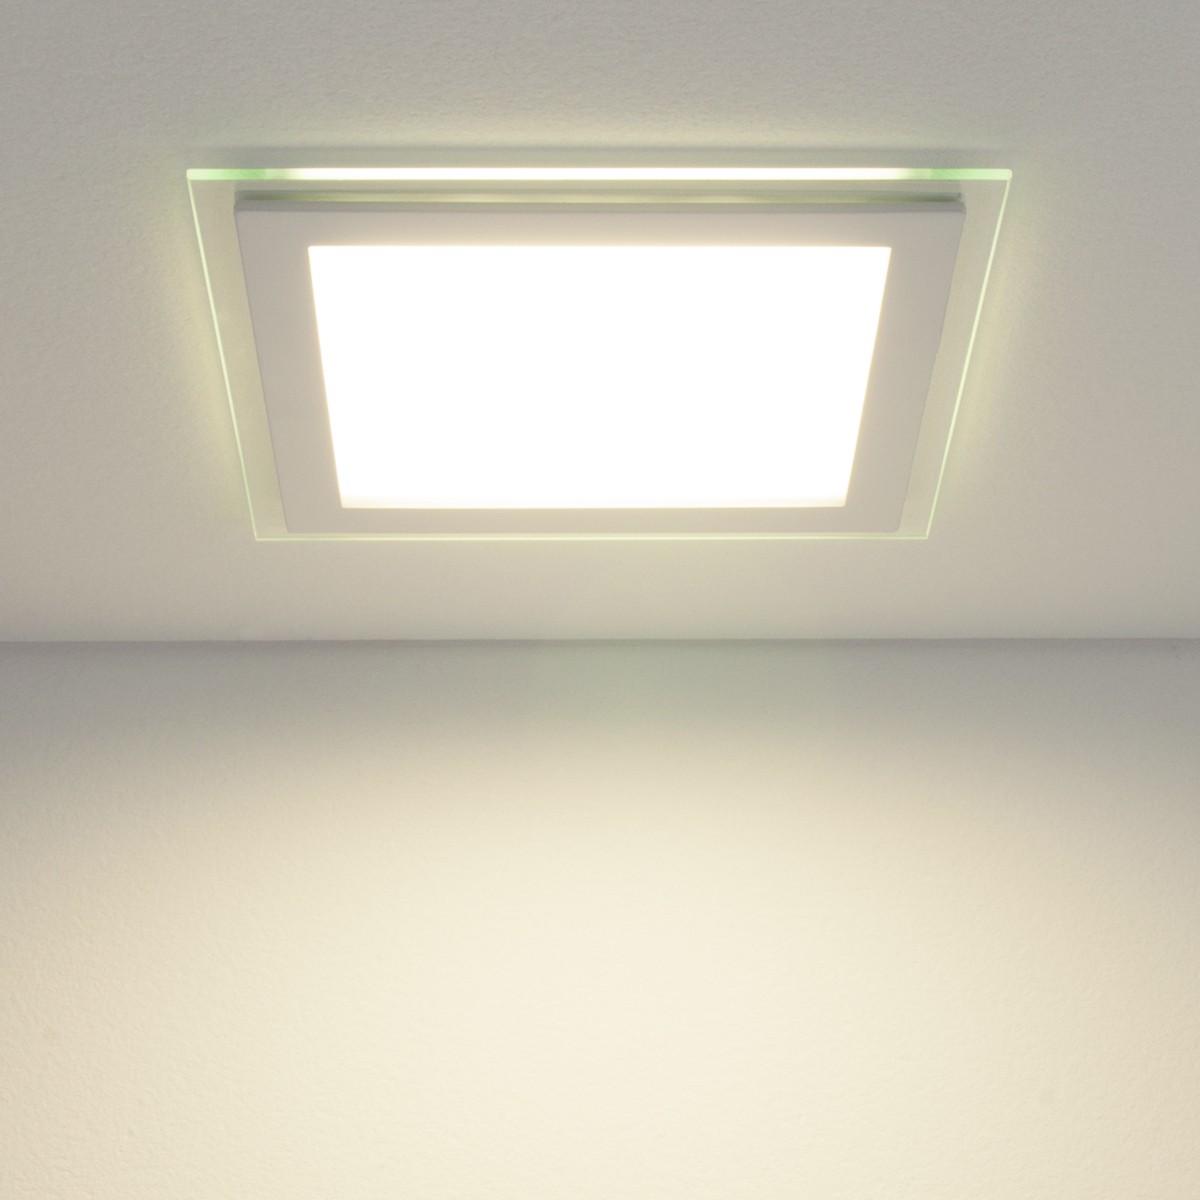 Фото Встраиваемый светильник Elektrostandard Downlight a031837